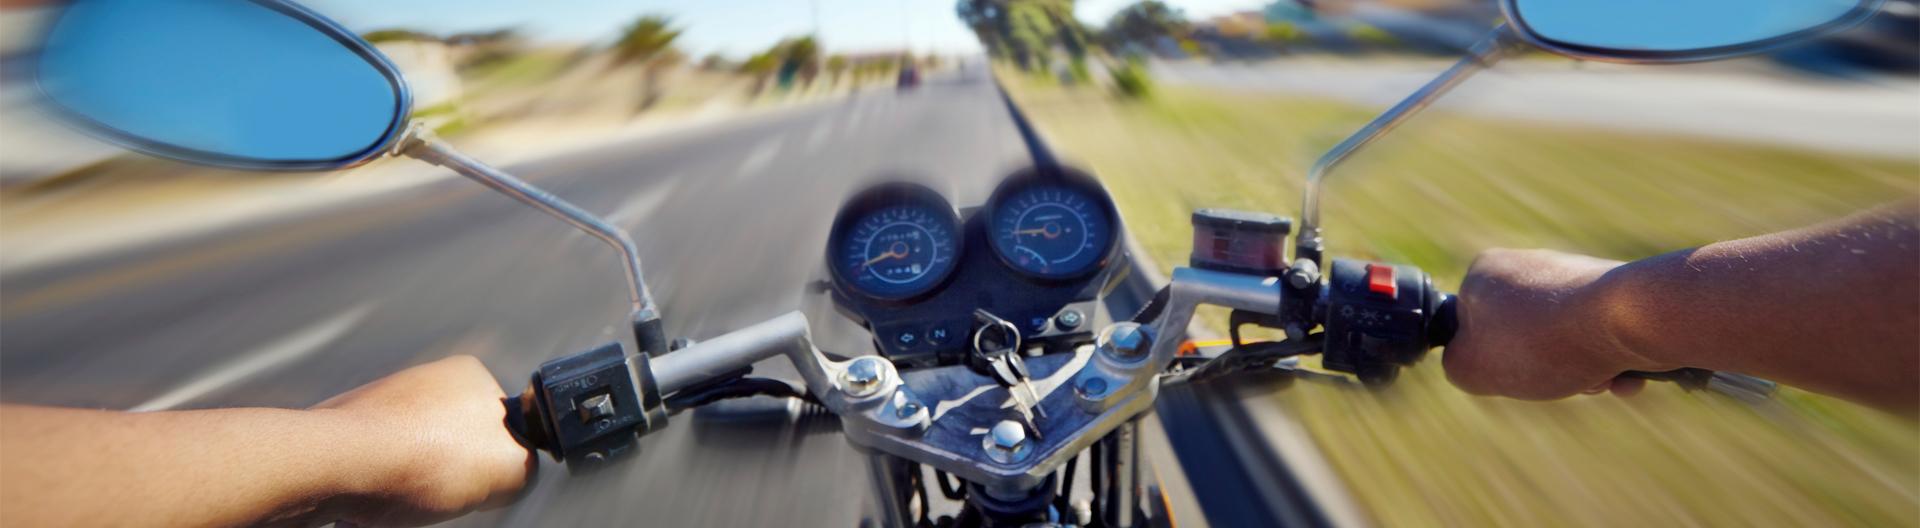 Shipping Motorcycle Honda Harley Kawasaki Yamaha Bmw Ducati